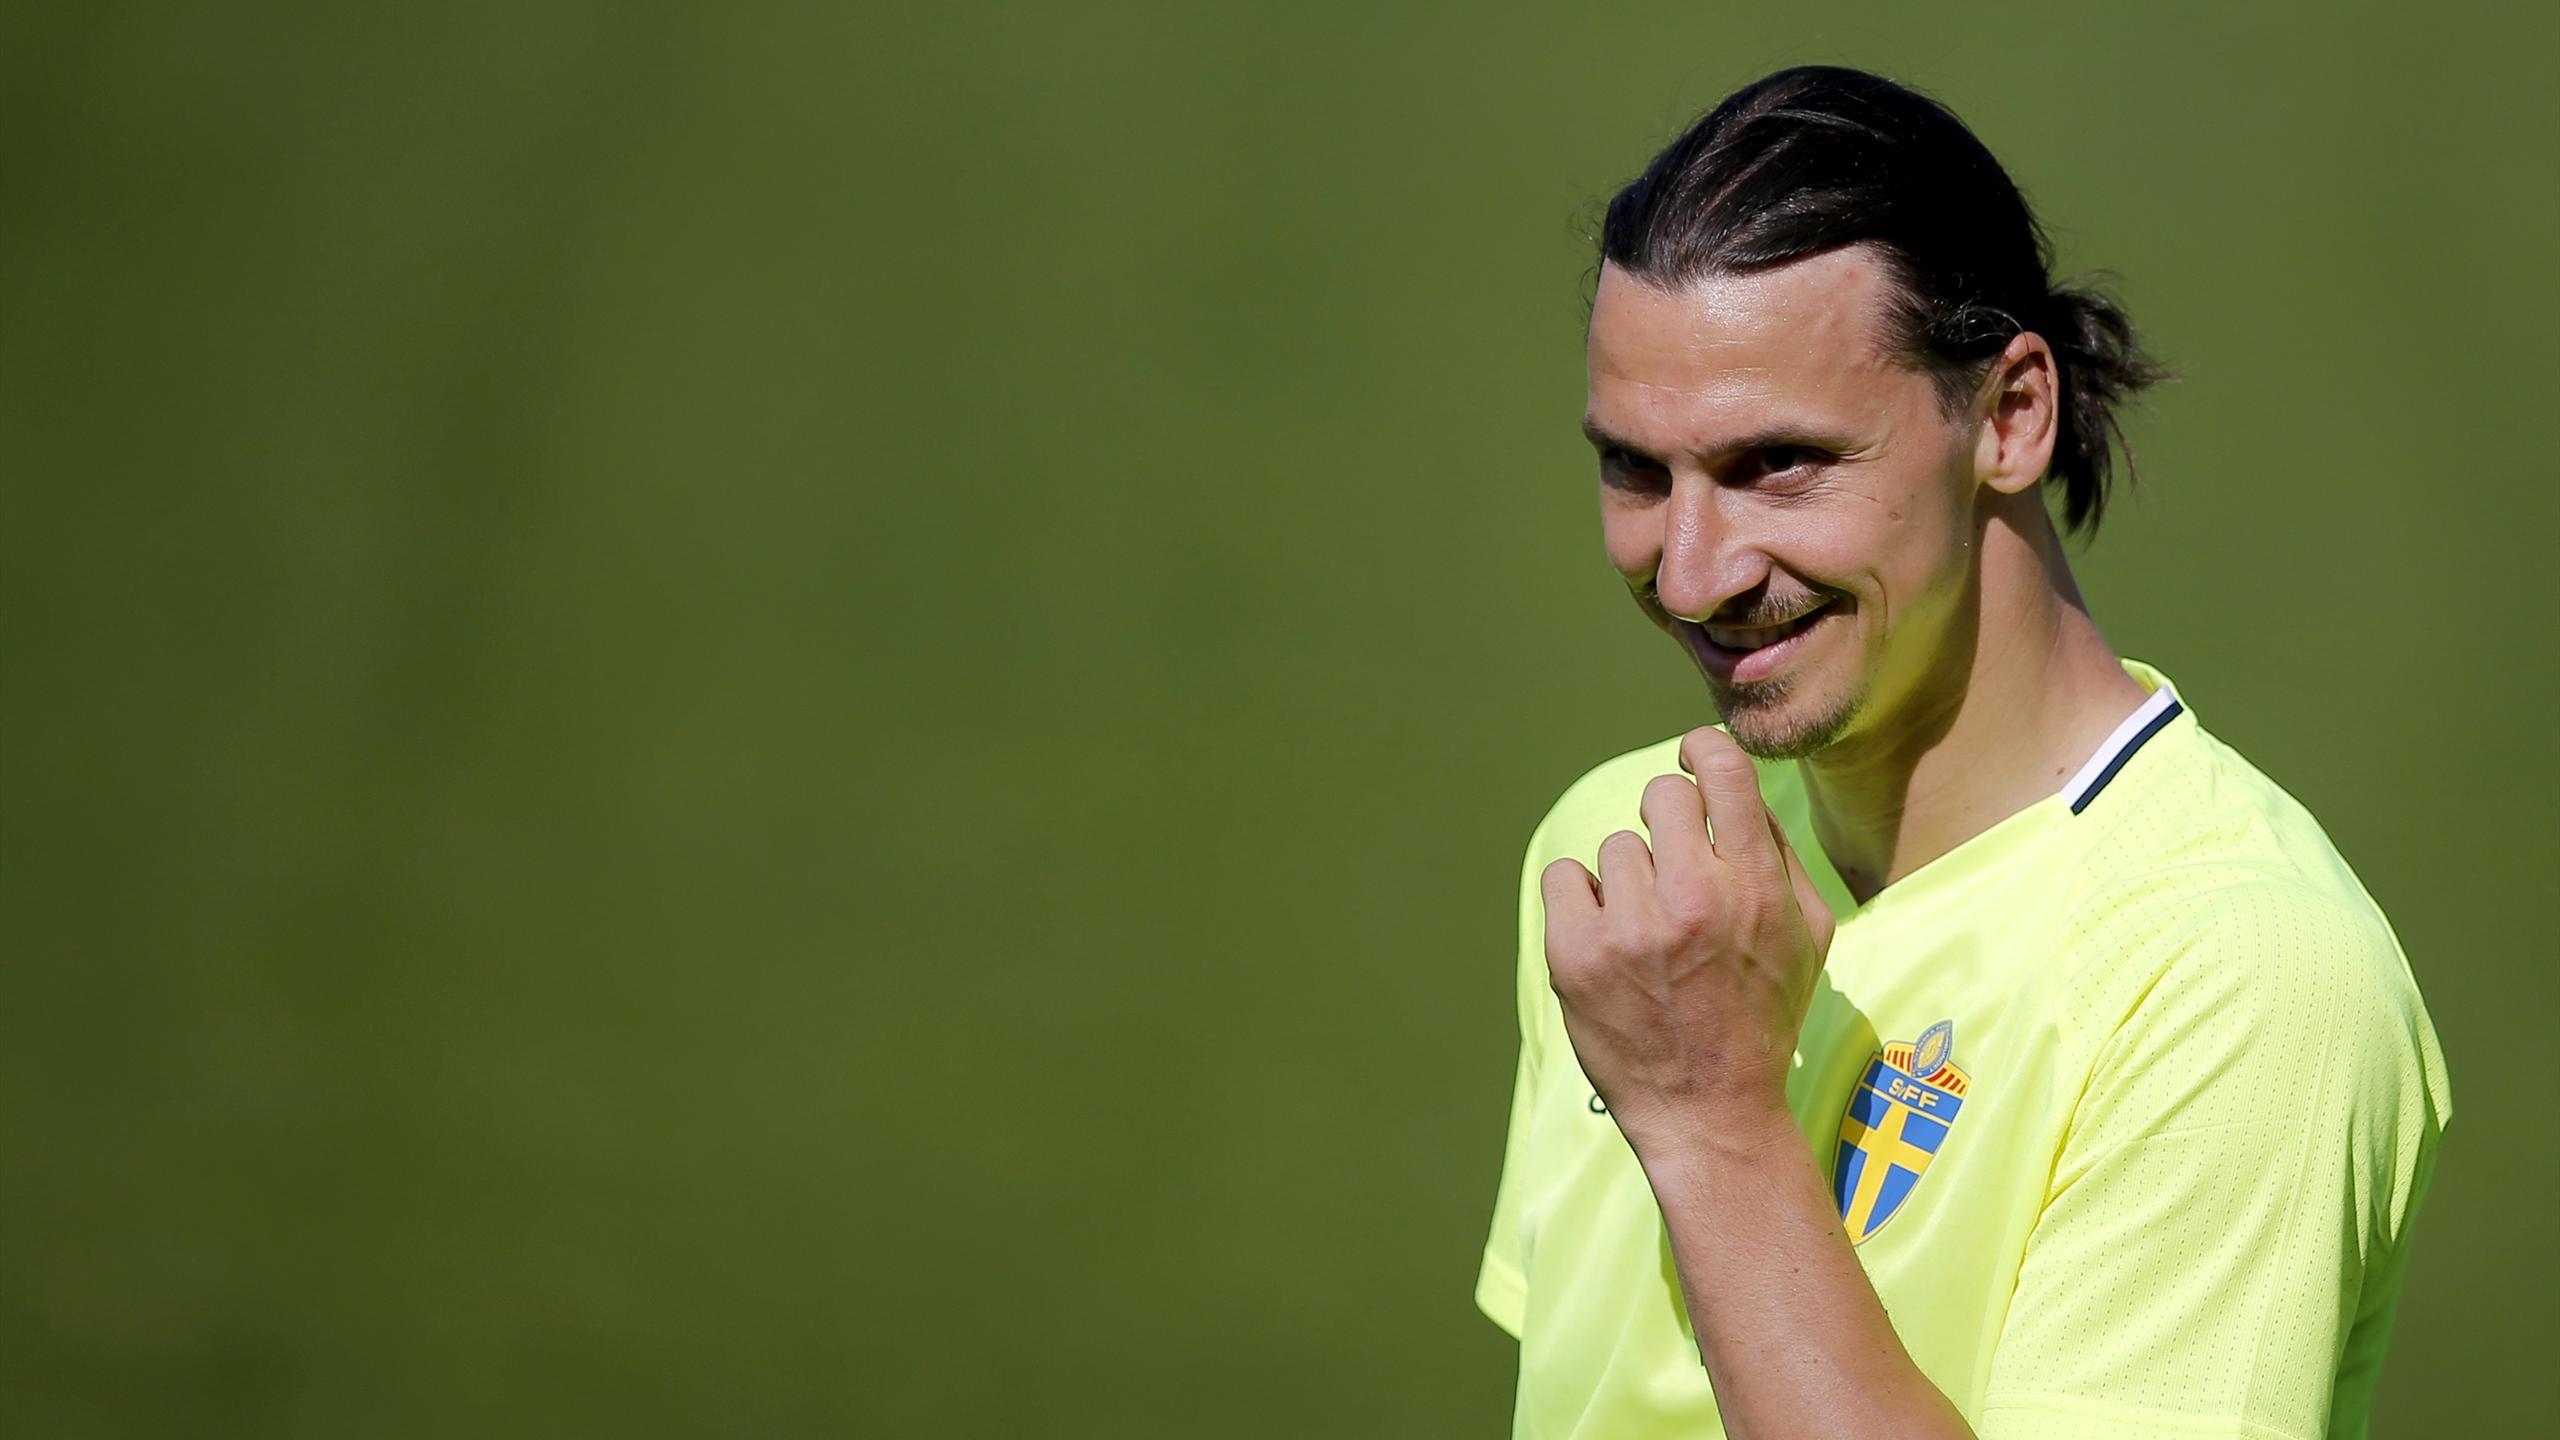 Entre Et Zlatan Ibrahimovic Terminé Economie Eurosport Nike C'est mNnwvO08